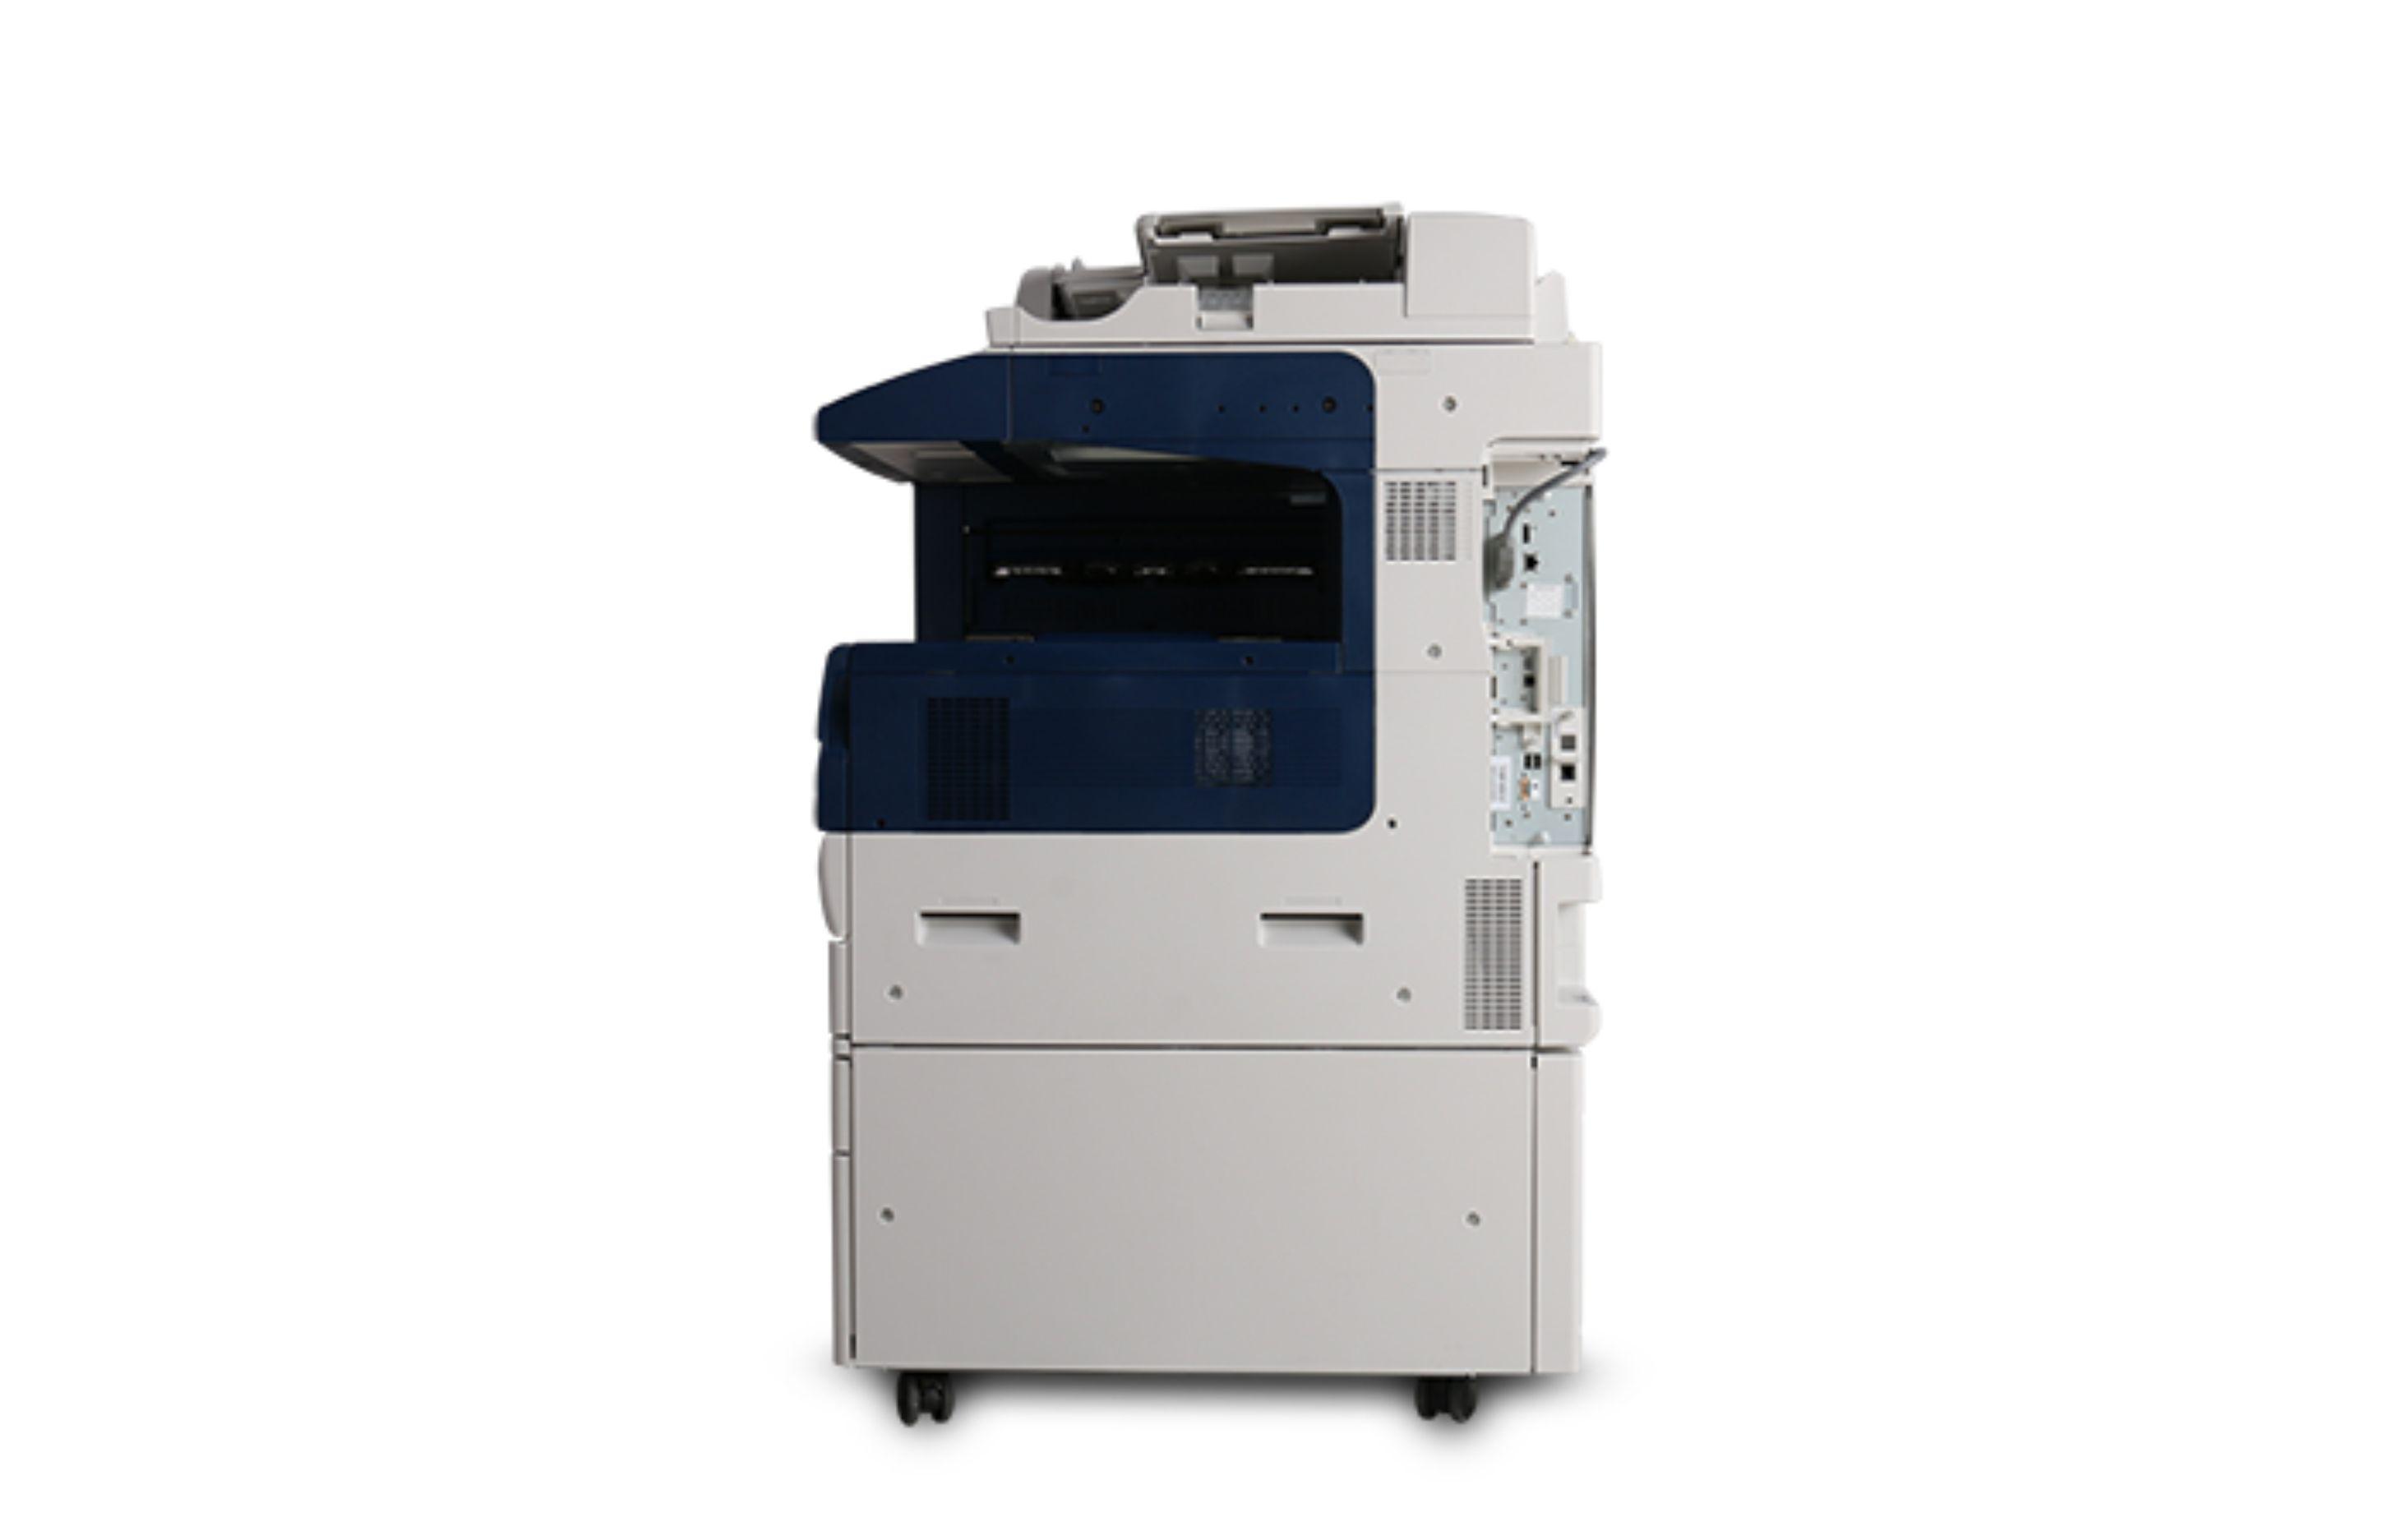 西安施乐彩色复印机五代7835/7845/7855高精度多功能一体机打印机亚博娱乐官网登录